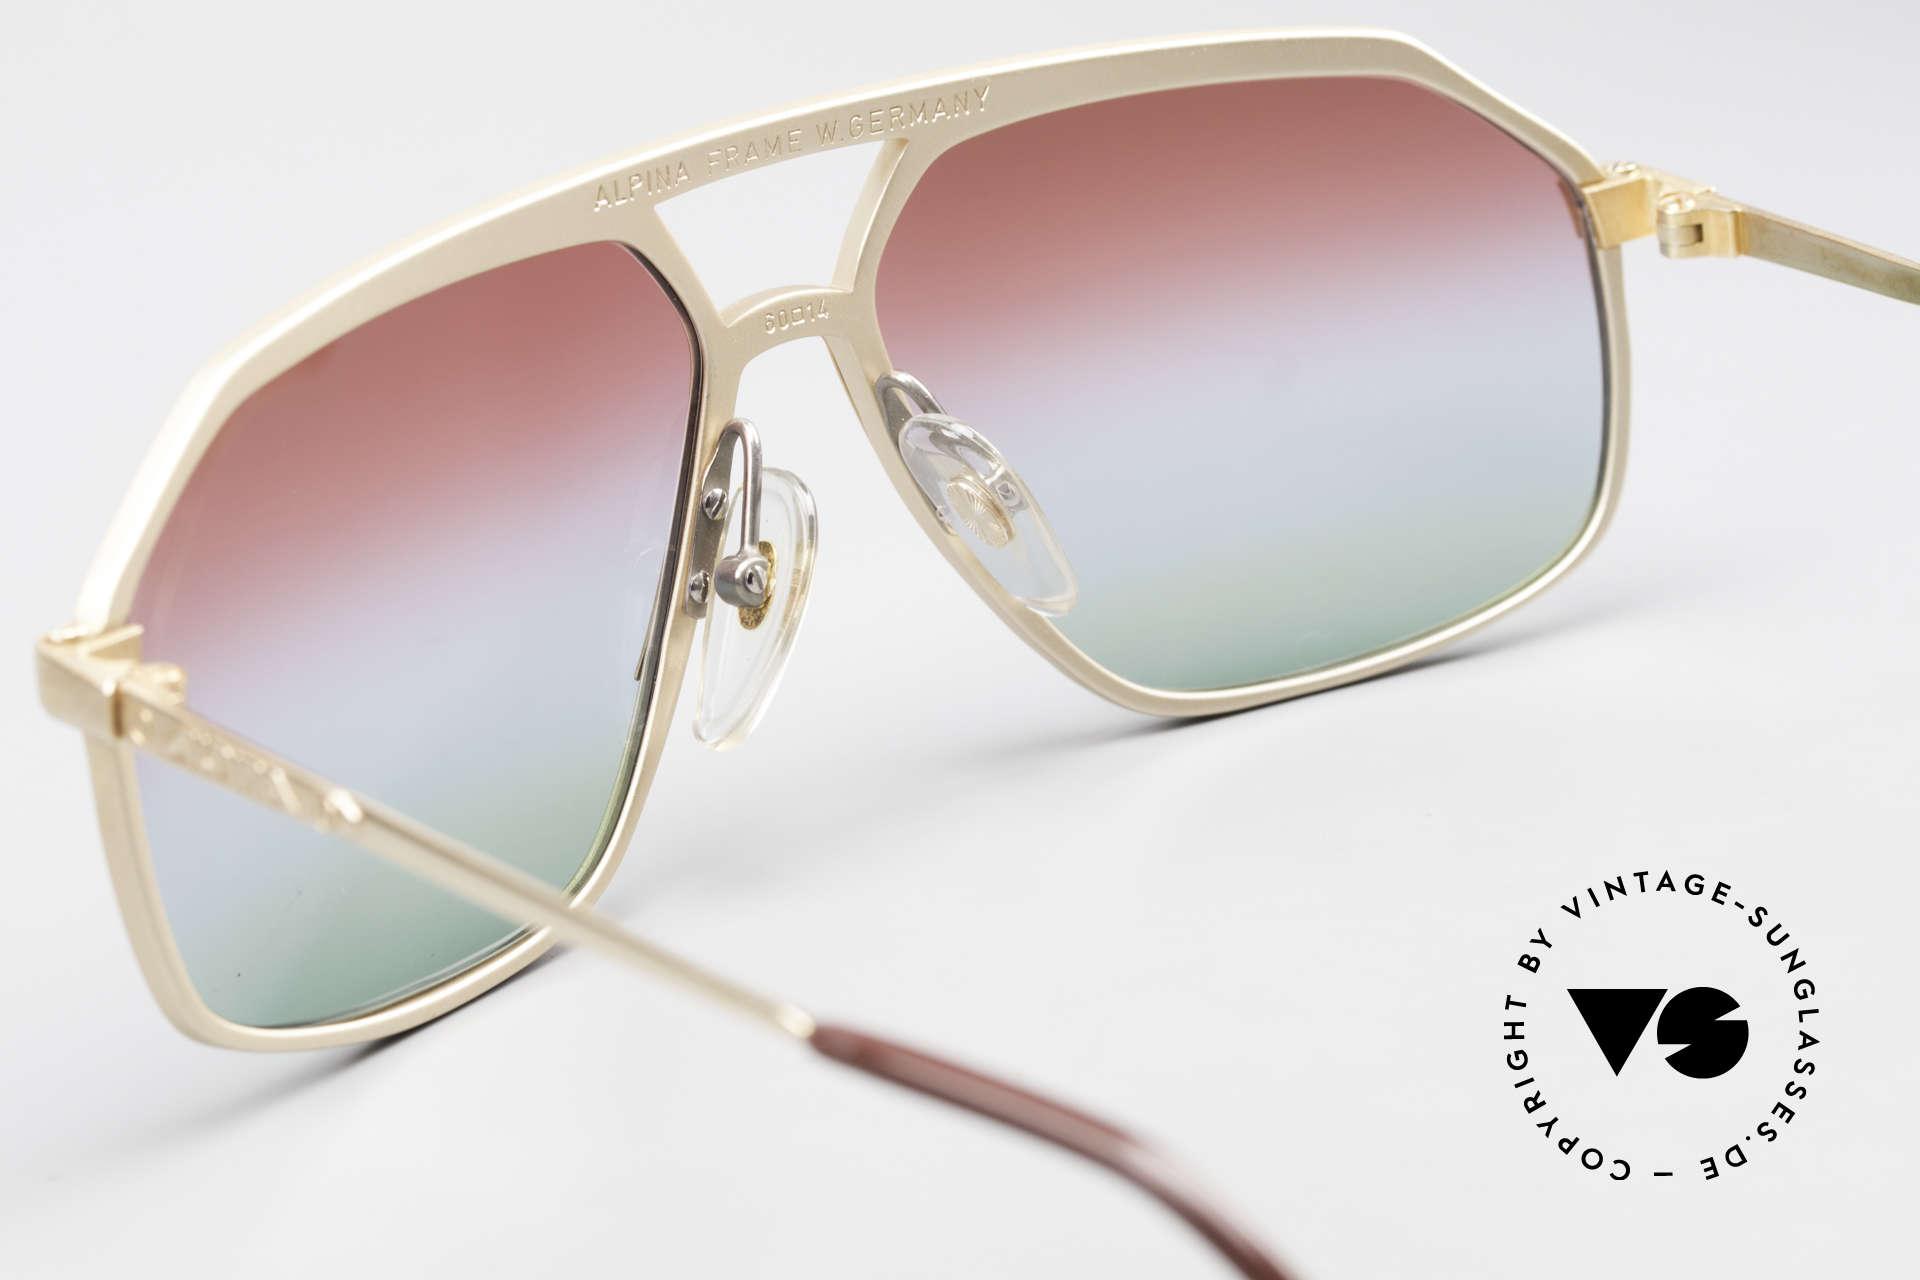 Alpina M6 West Germany Sonnenbrille, KEINE RETRObrille; sondern eine VINTAGE Rarität!, Passend für Herren und Damen